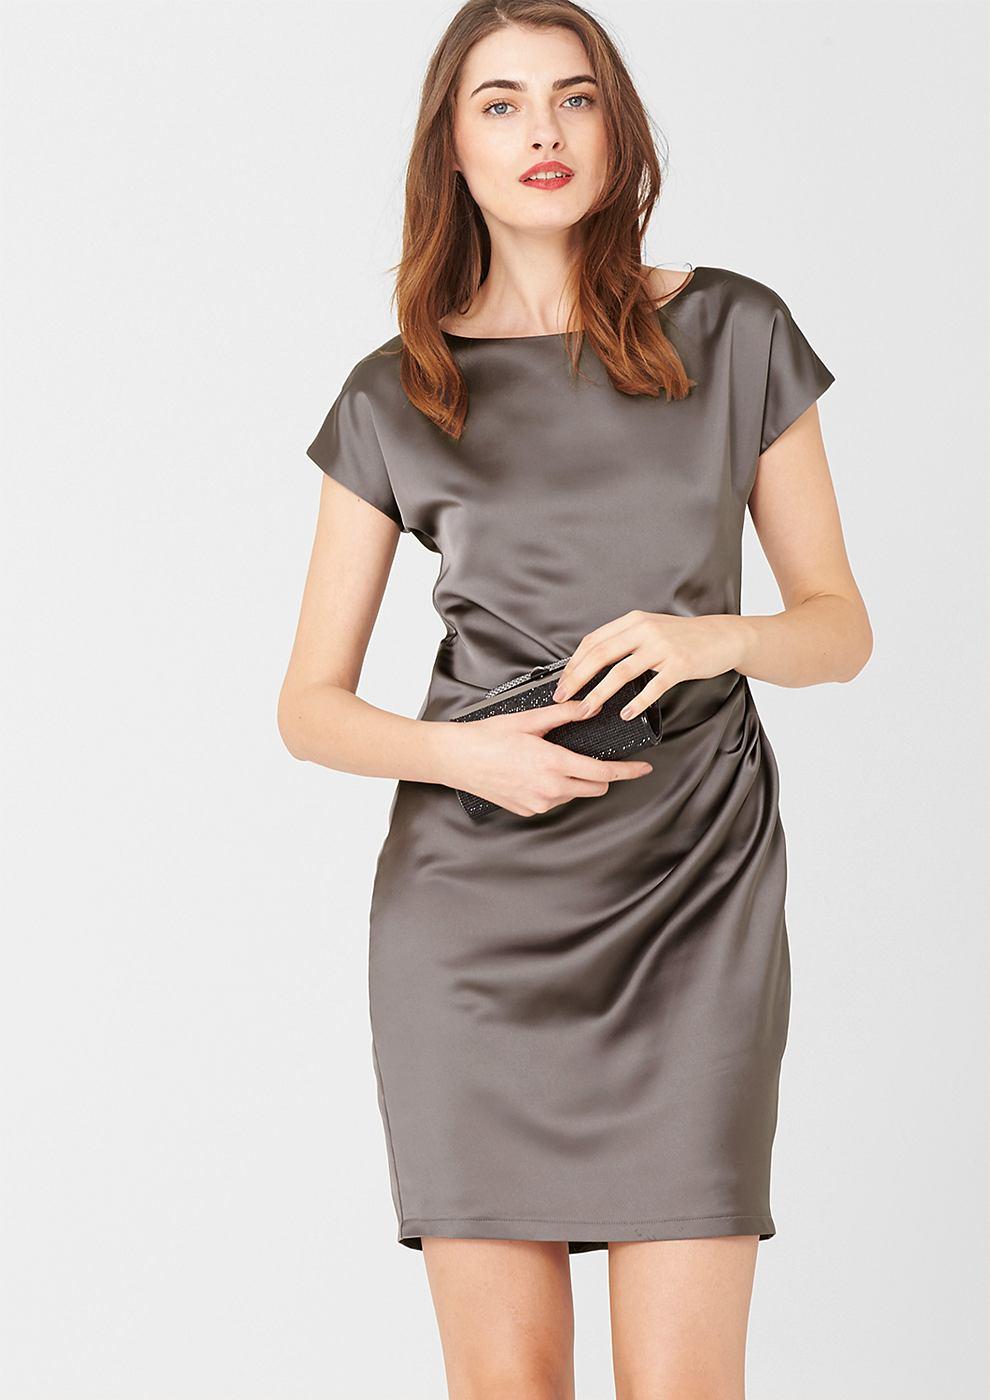 s.Oliver Premium satijnen jurk met gedrapeerd effect grijs